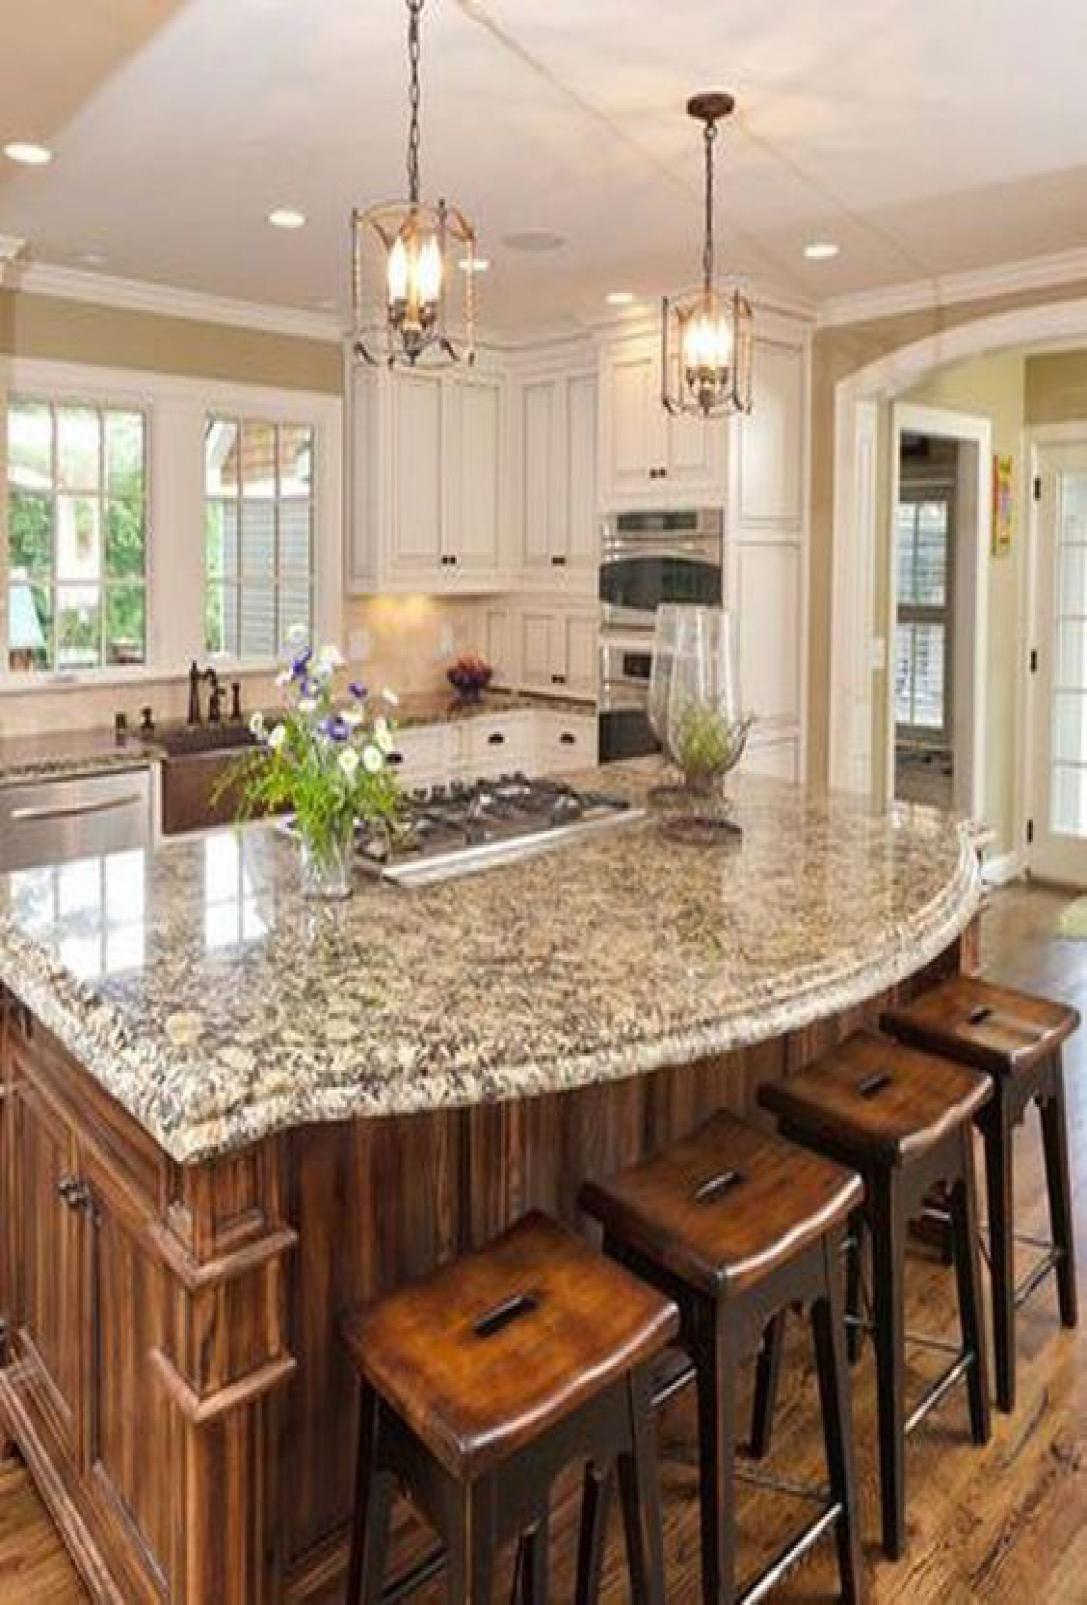 50 Pretty Small Kitchen Design Decor Ideas In 2020